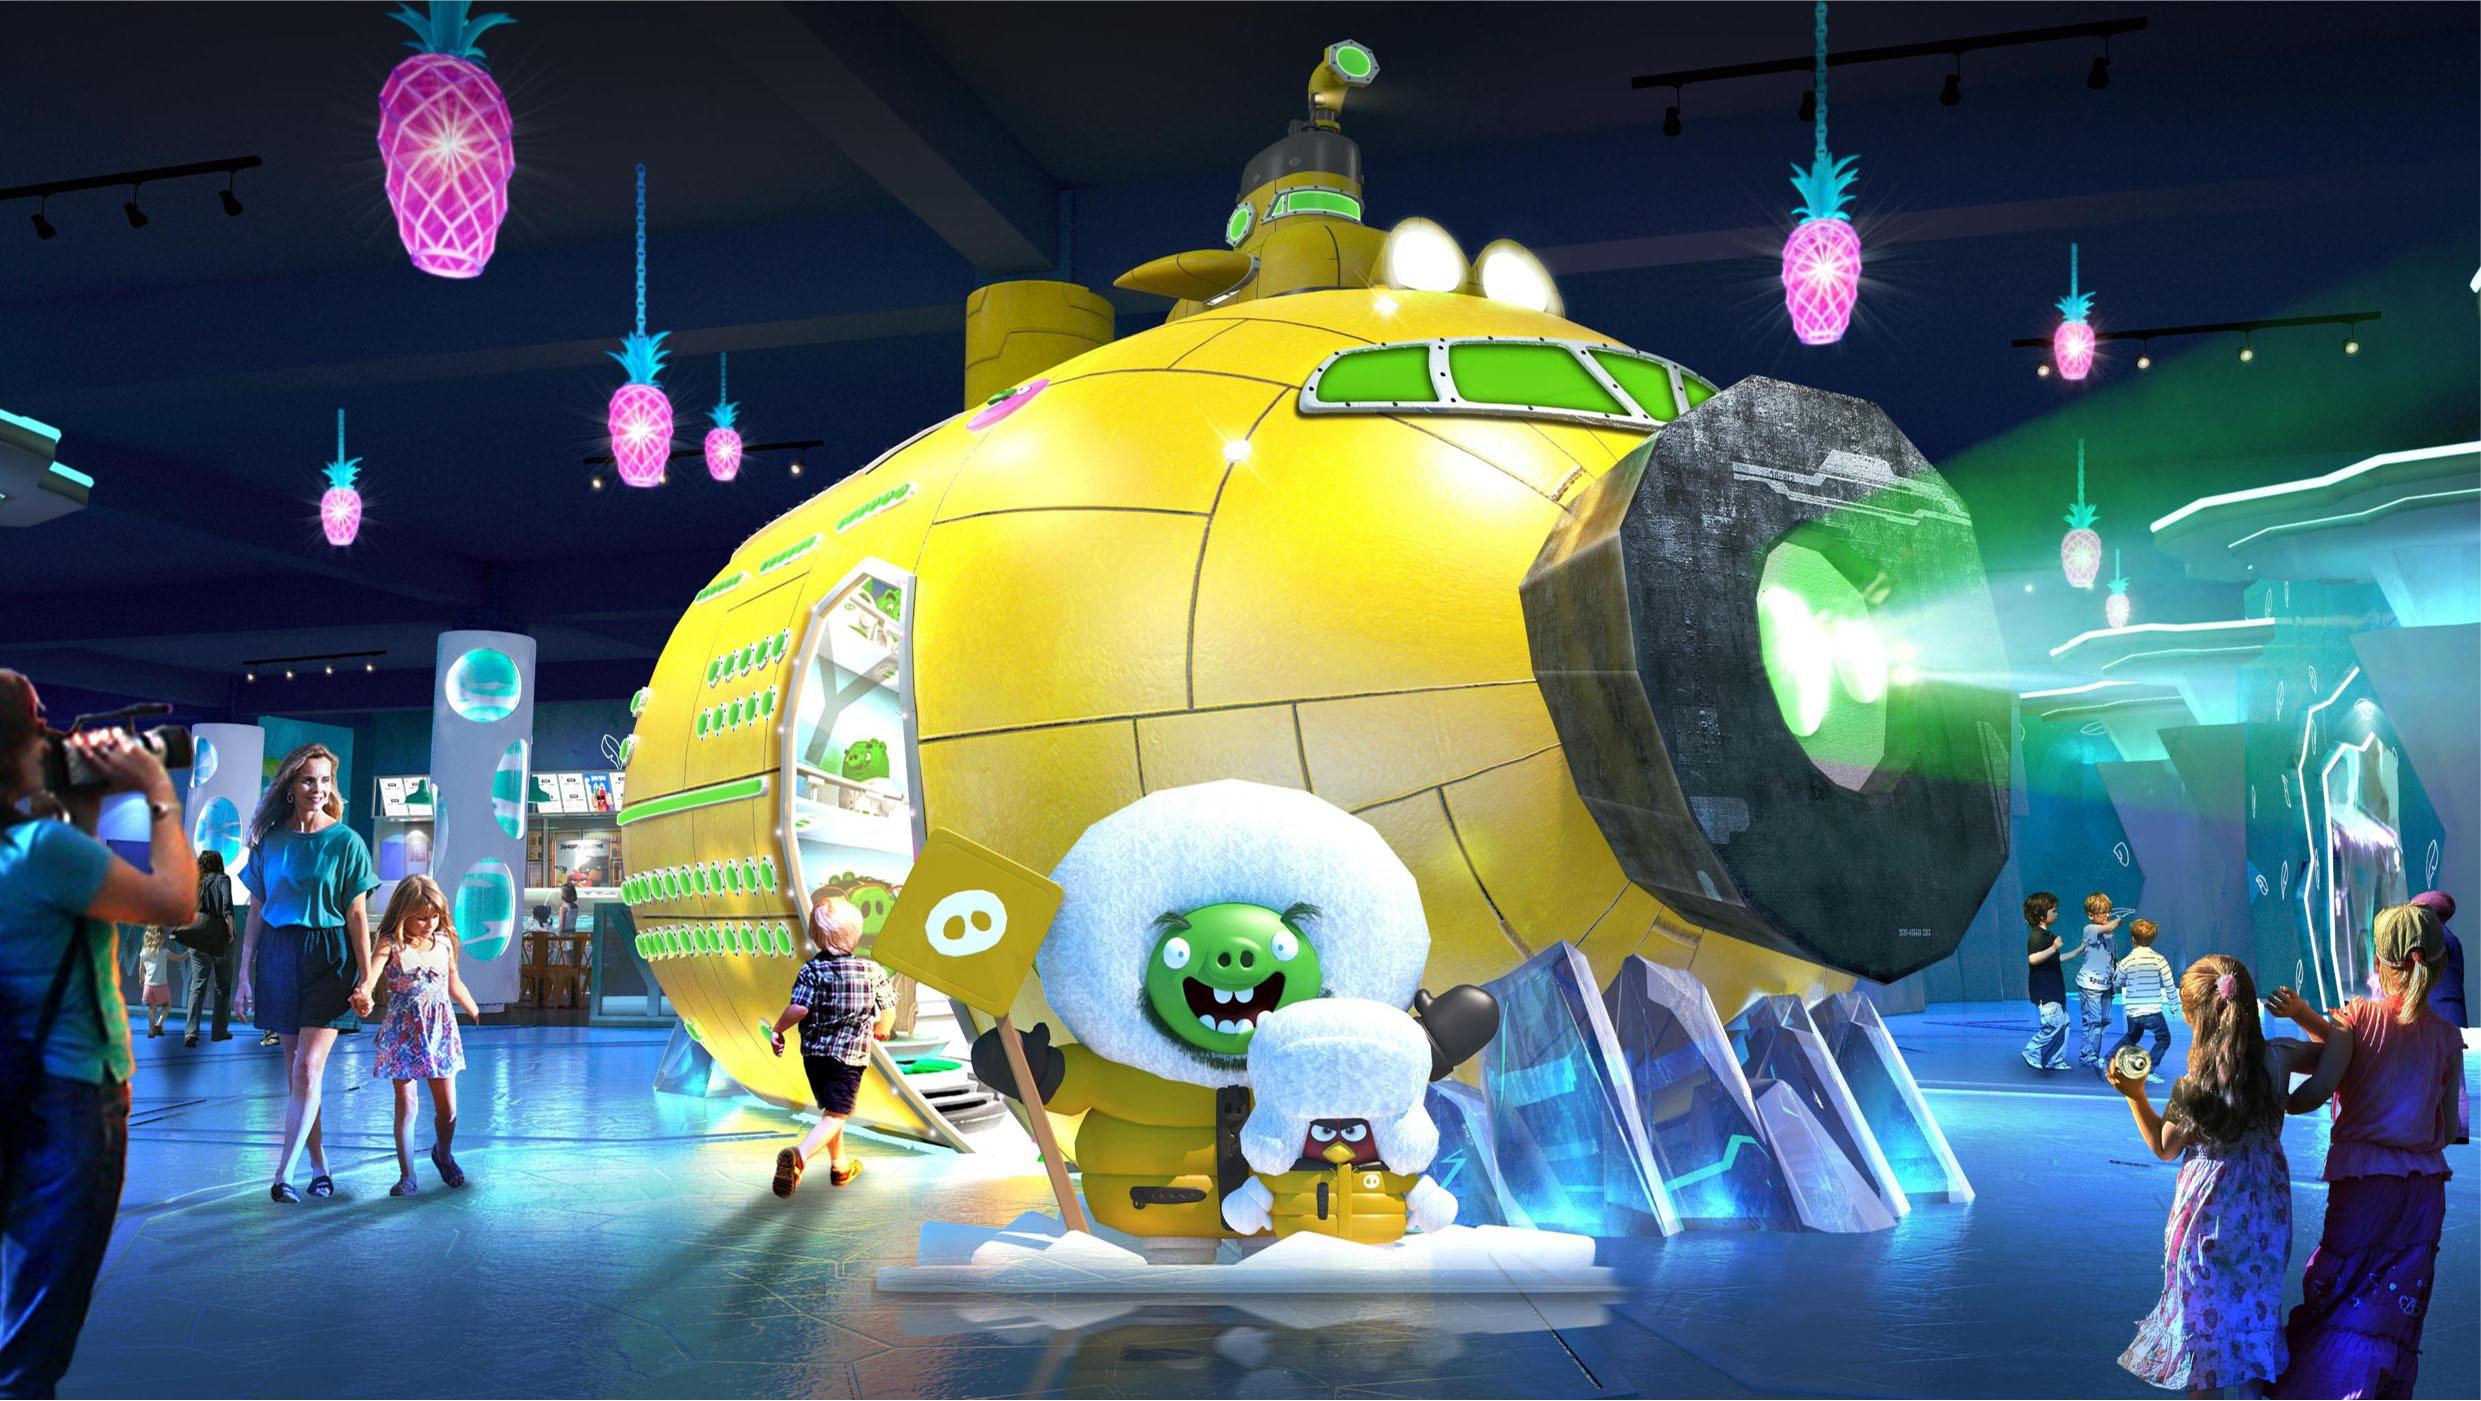 3破冰潜艇